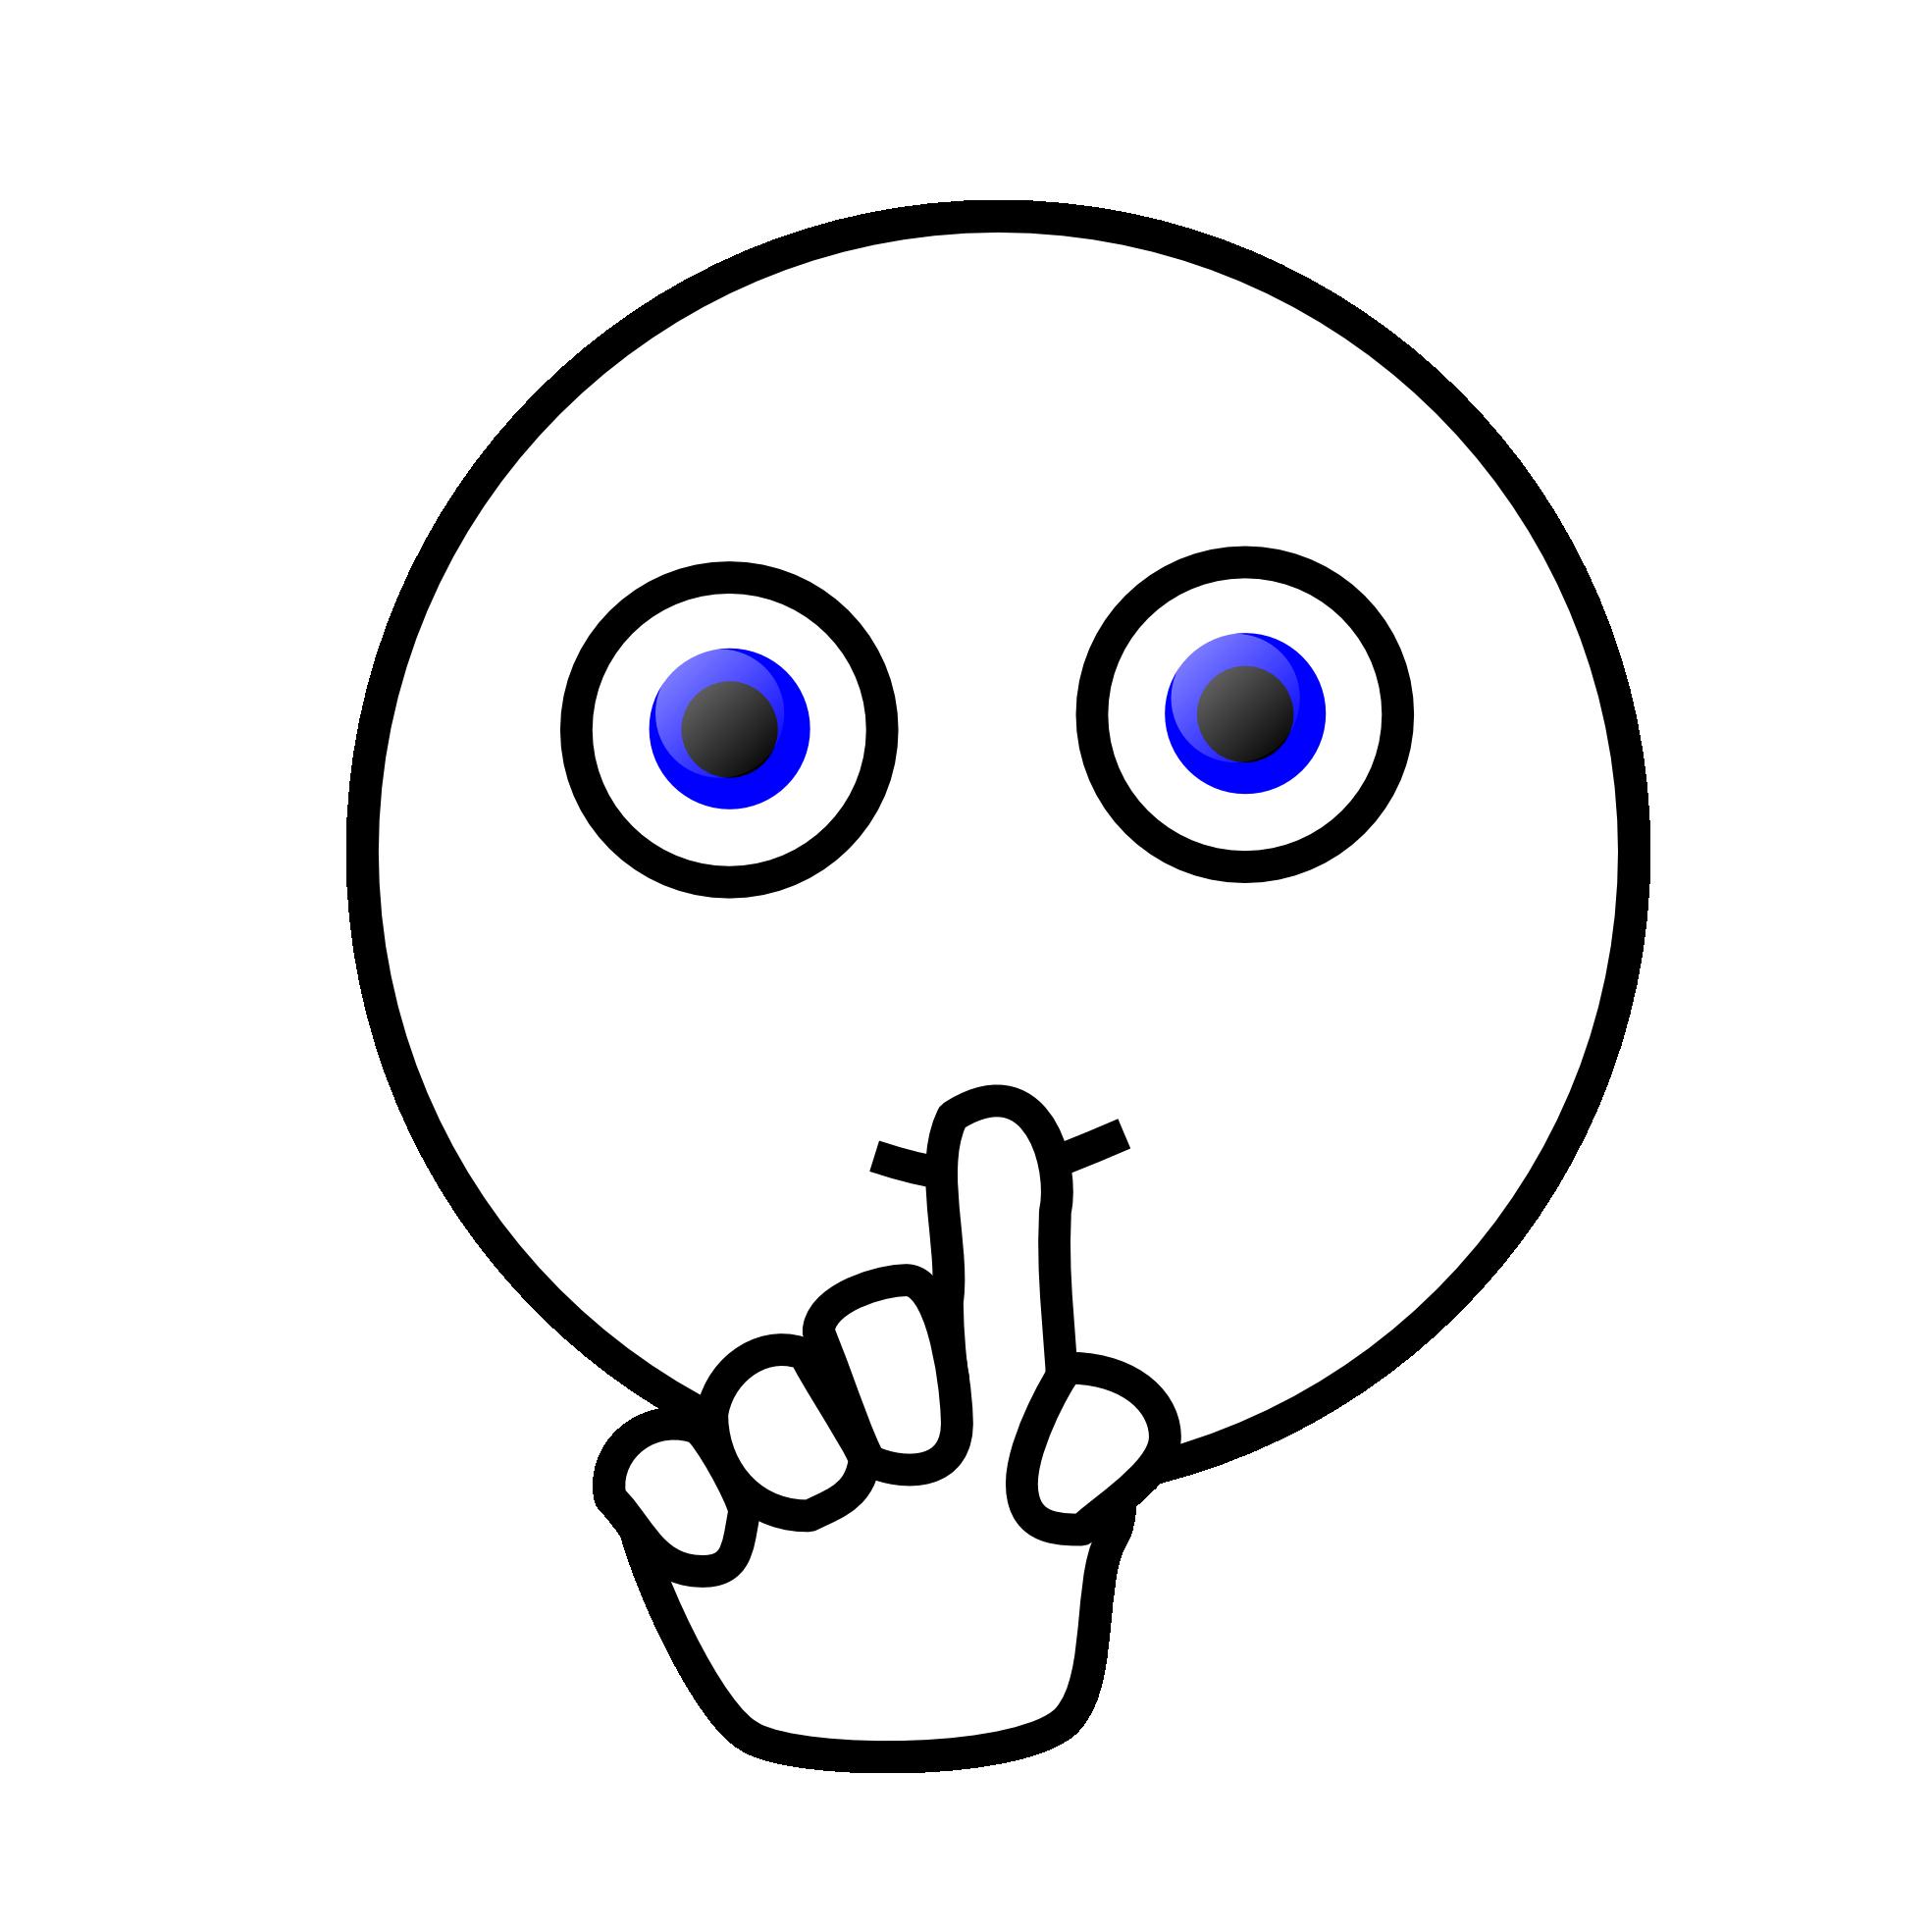 Shh Clipart - Free PNG Shhh Quiet